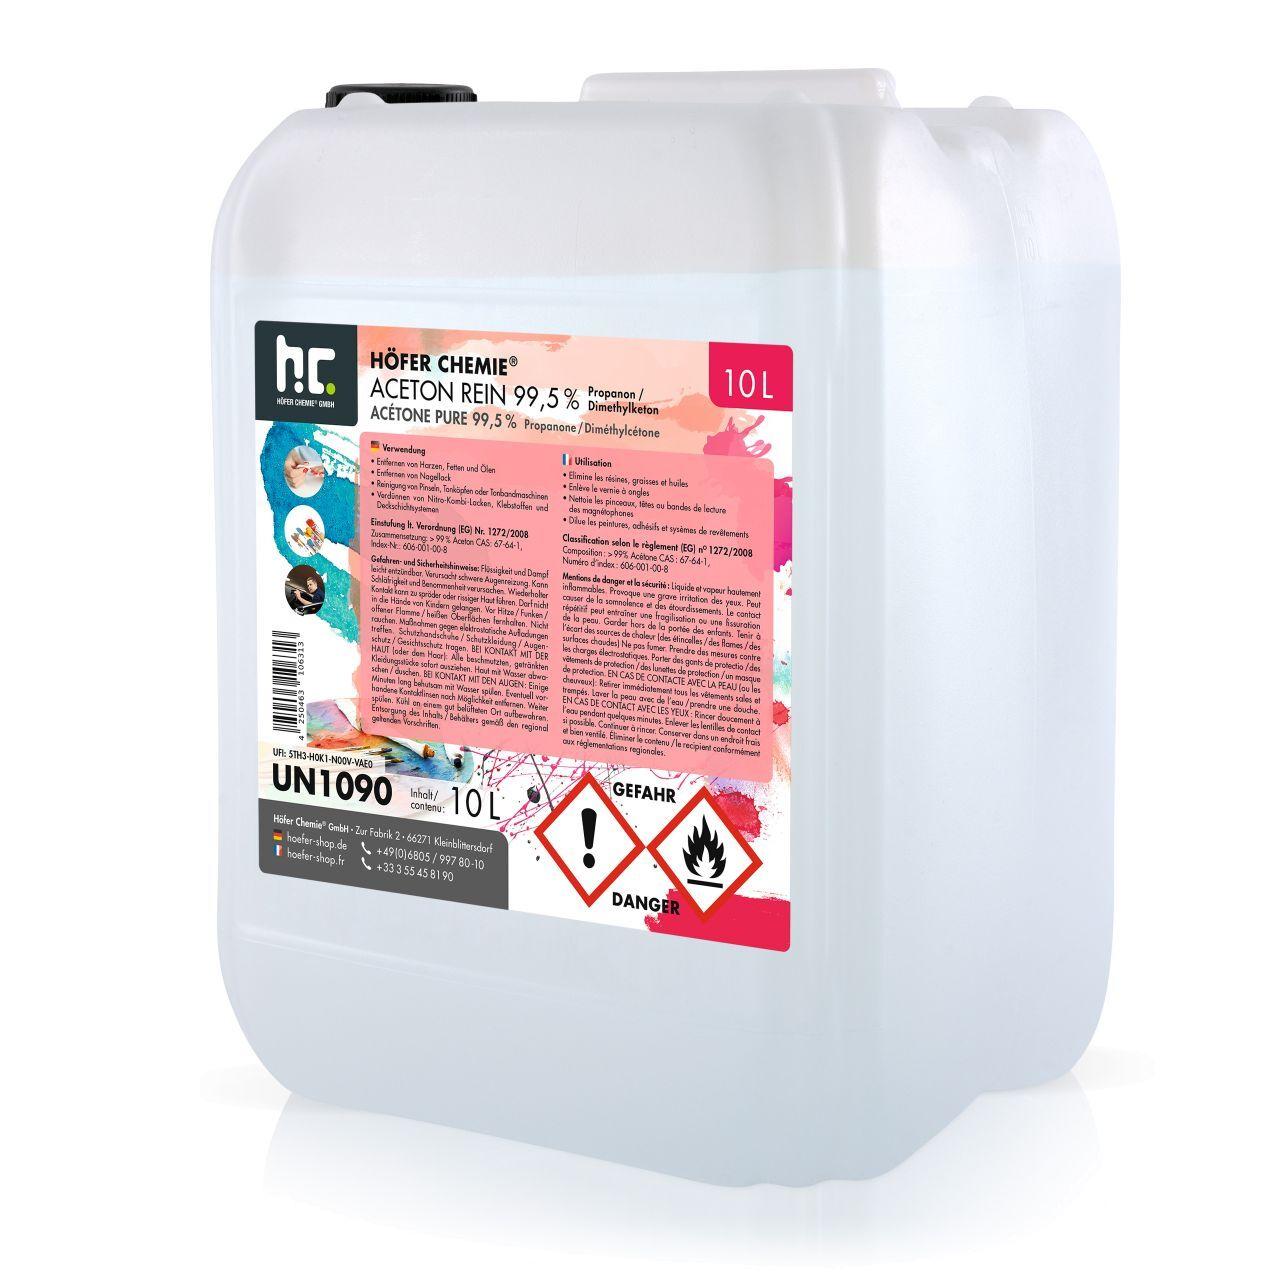 Höfer Chemie 20 l Acétone pur 99,5% (2 x 10 l)